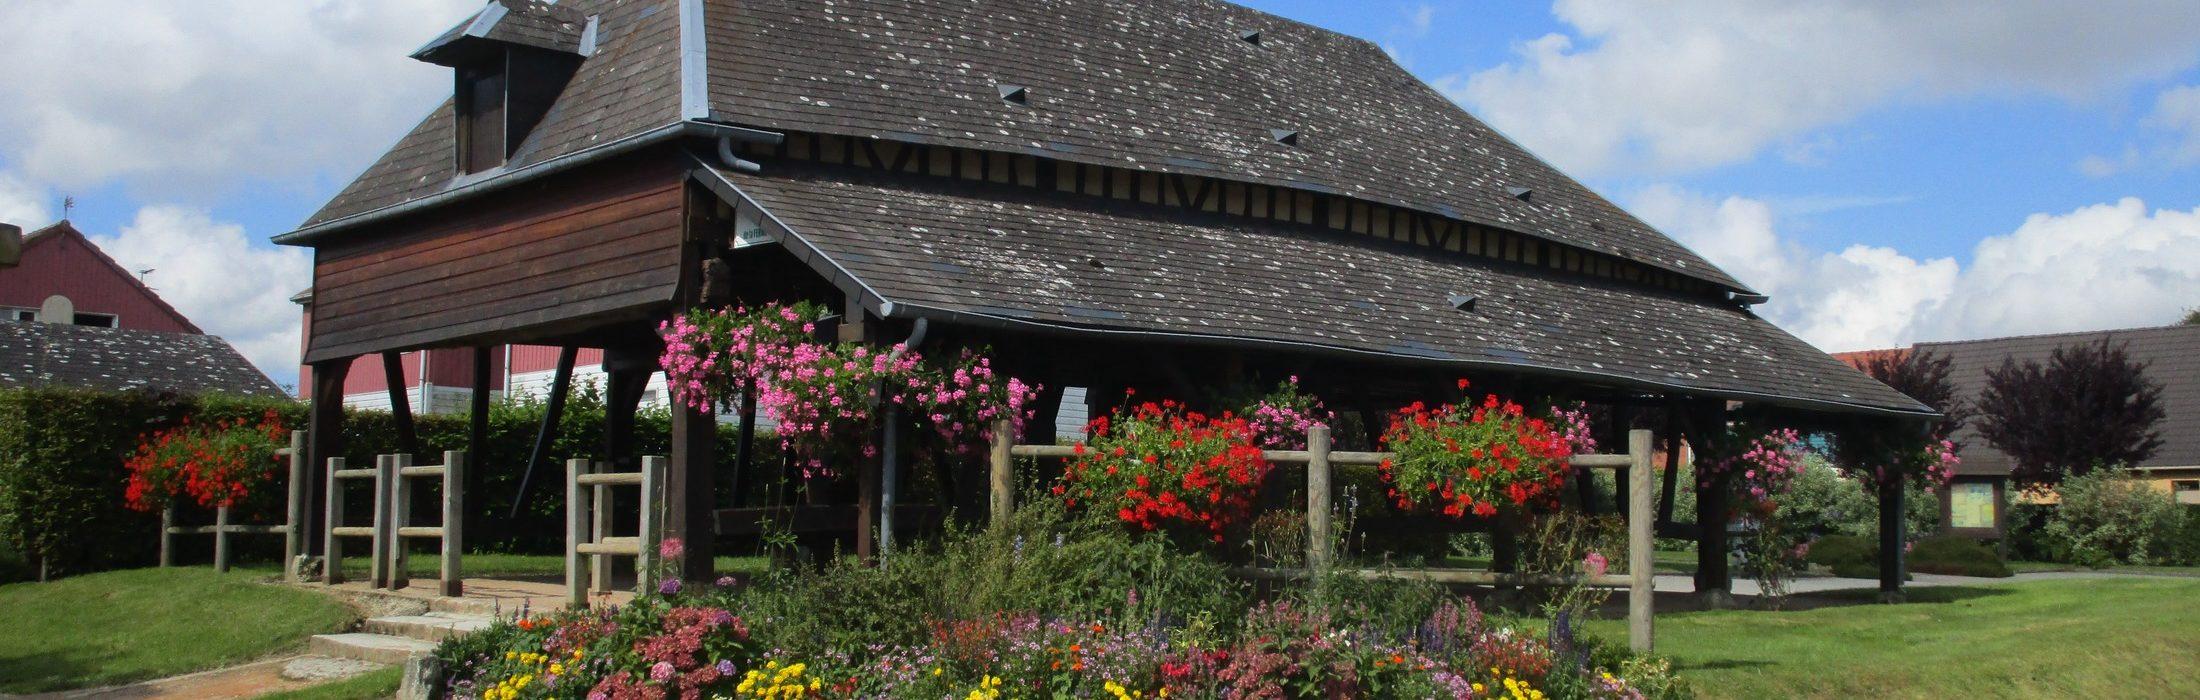 Autretot est l'un des premiers villages de France à obtenir les quatre fleurs du label «Villes et villages fleuris» et l'un des premiers 1